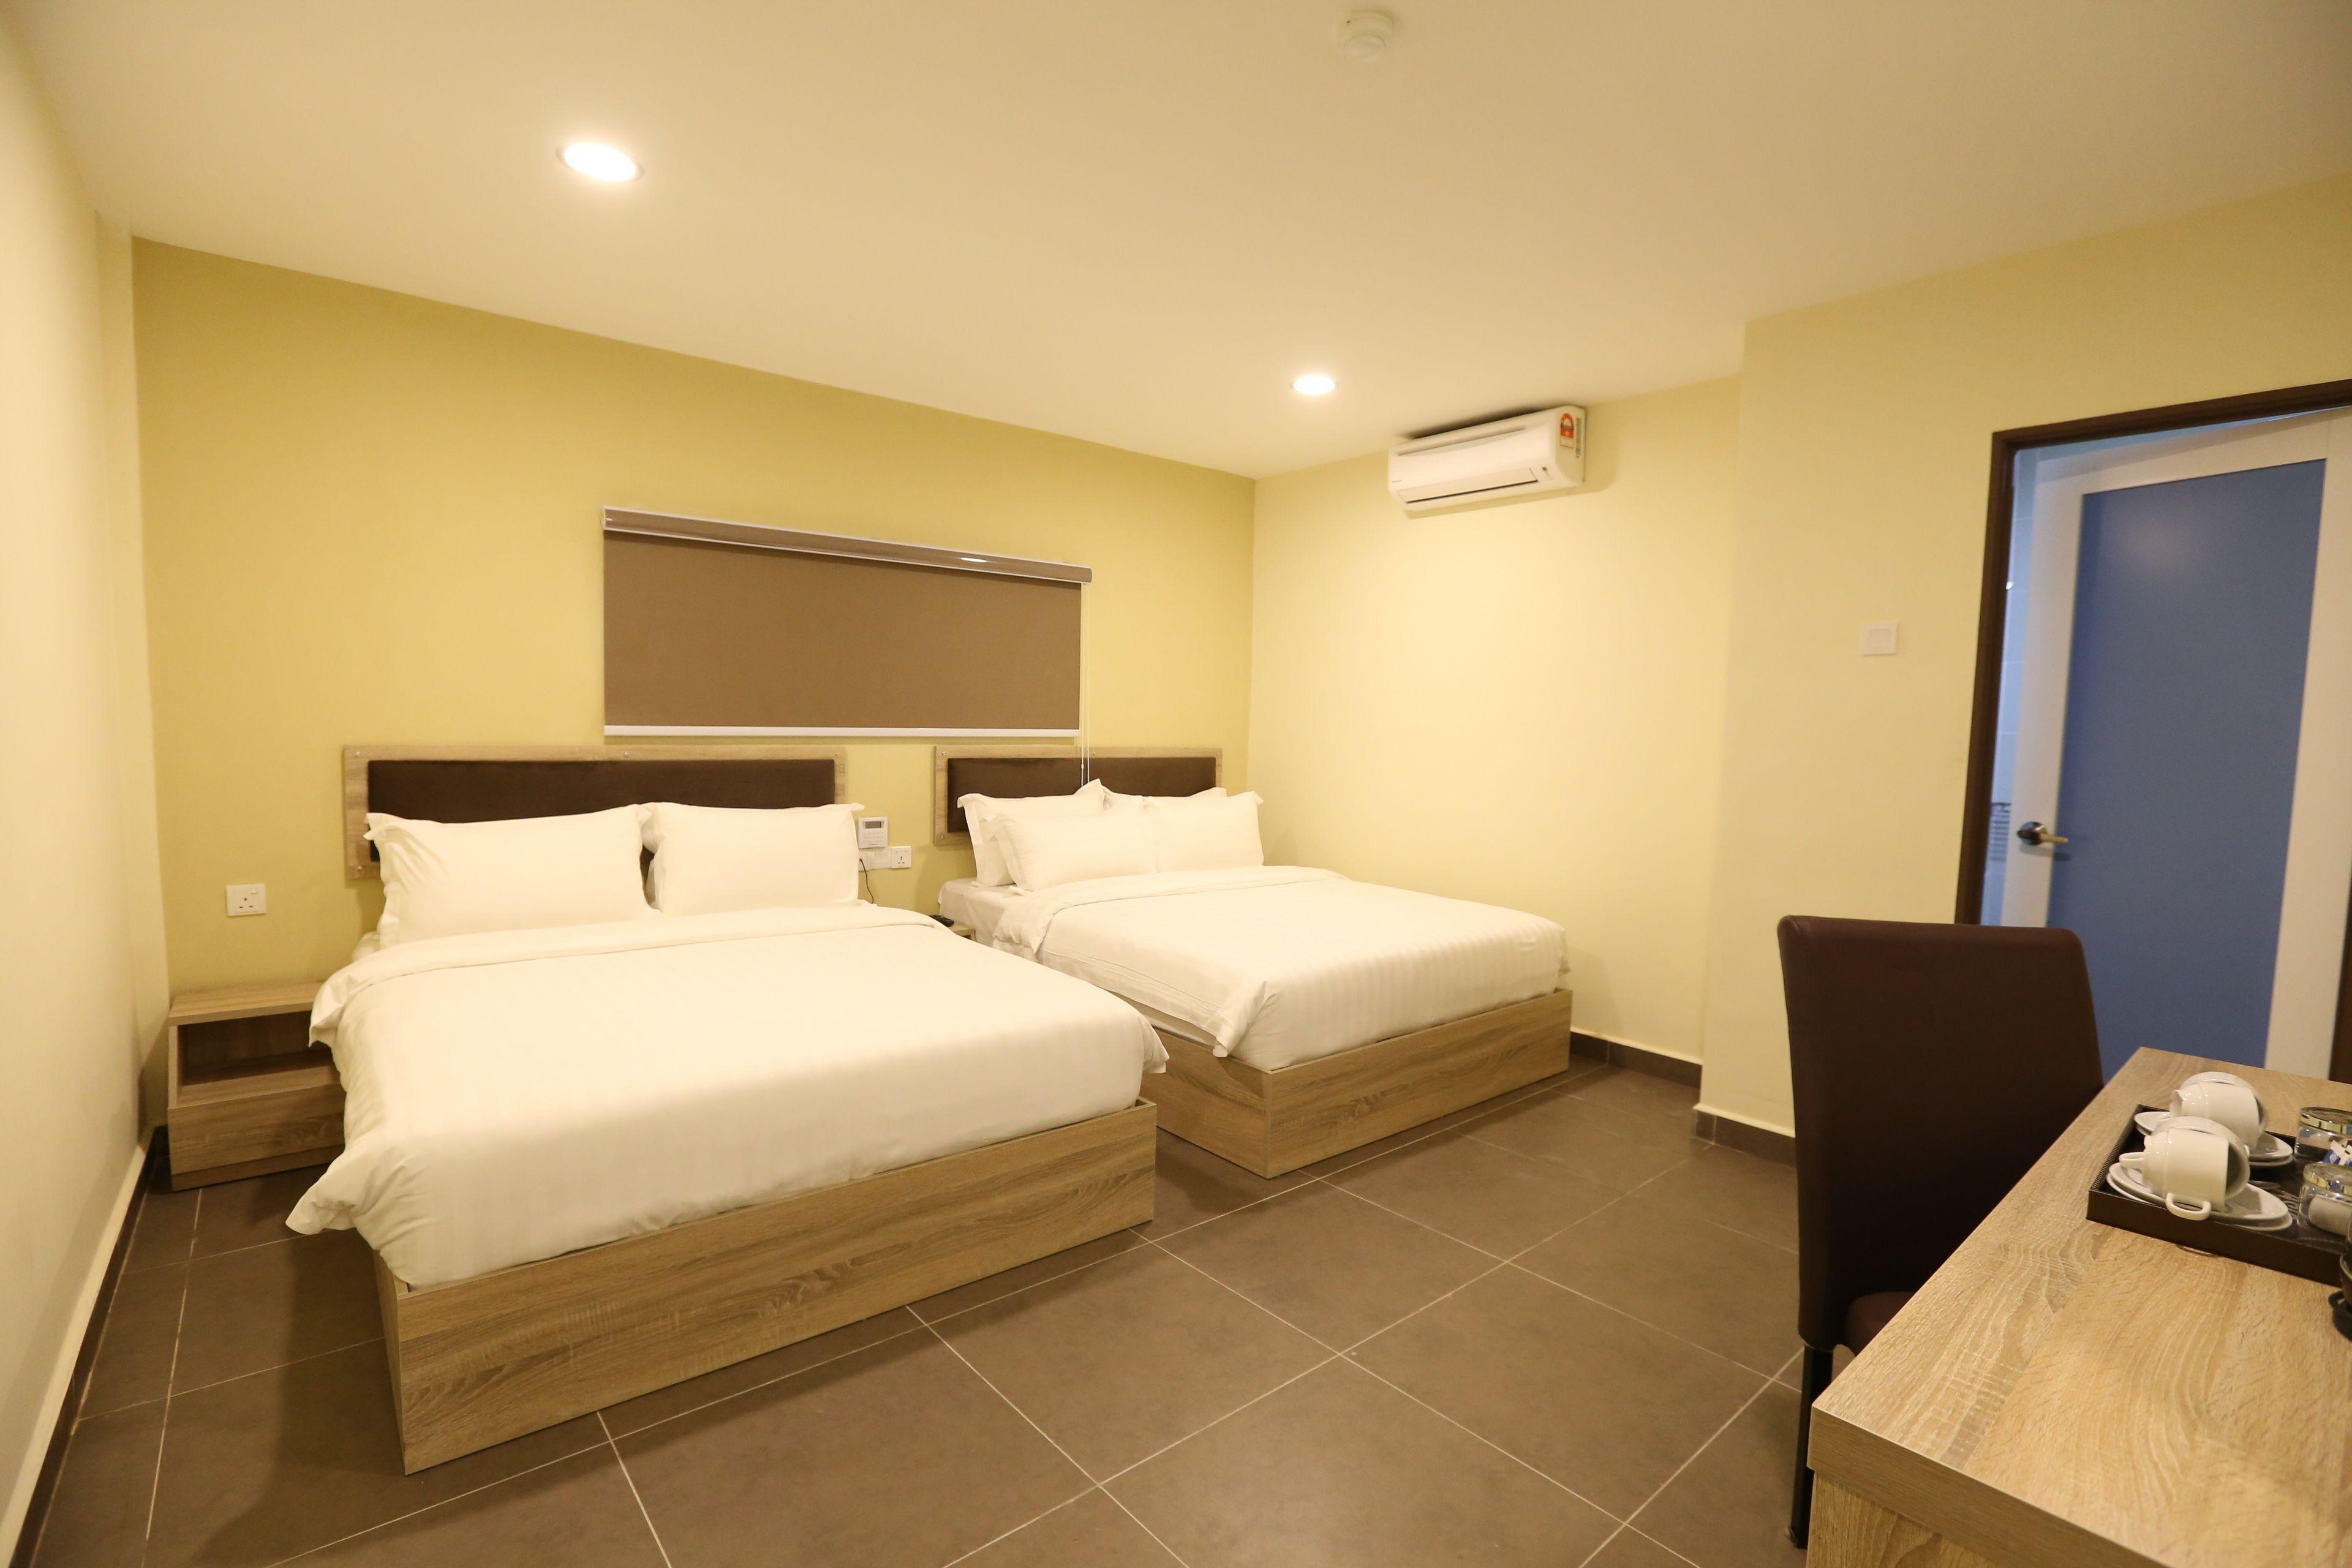 Courtesy of Asia Premium Hotel / Expedia